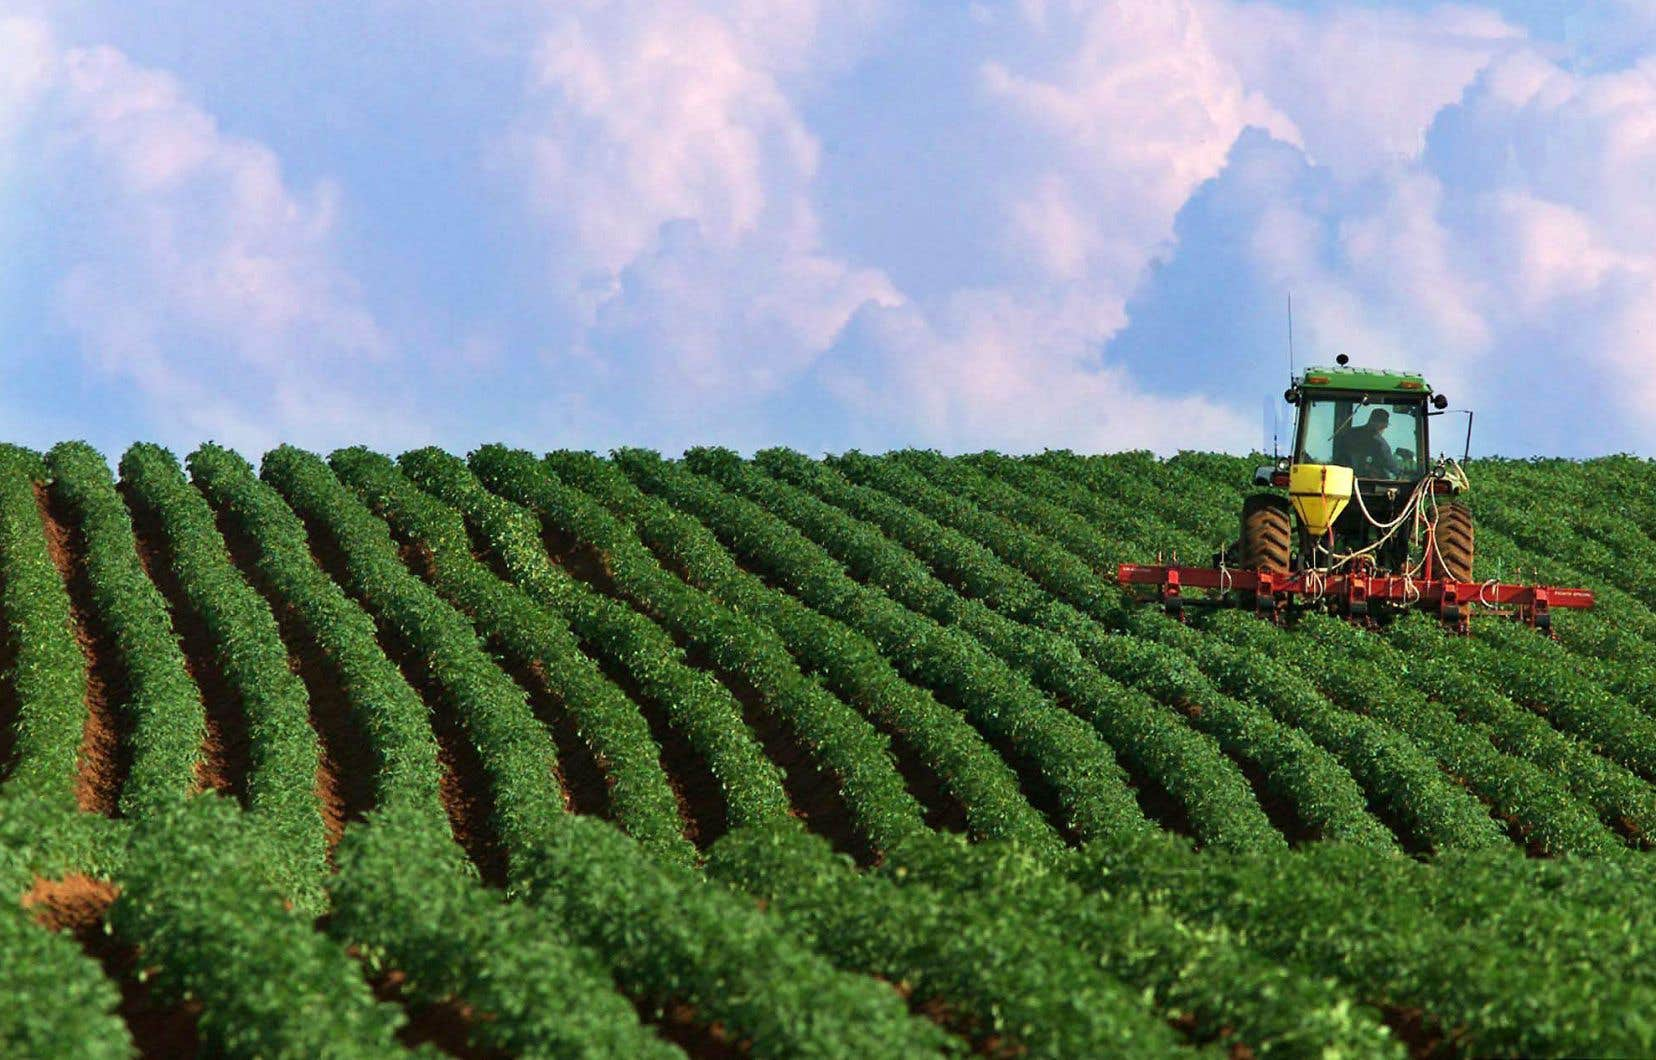 Une commission parlementaire se penchera sur l'usage des pesticides, notamment en agriculture.